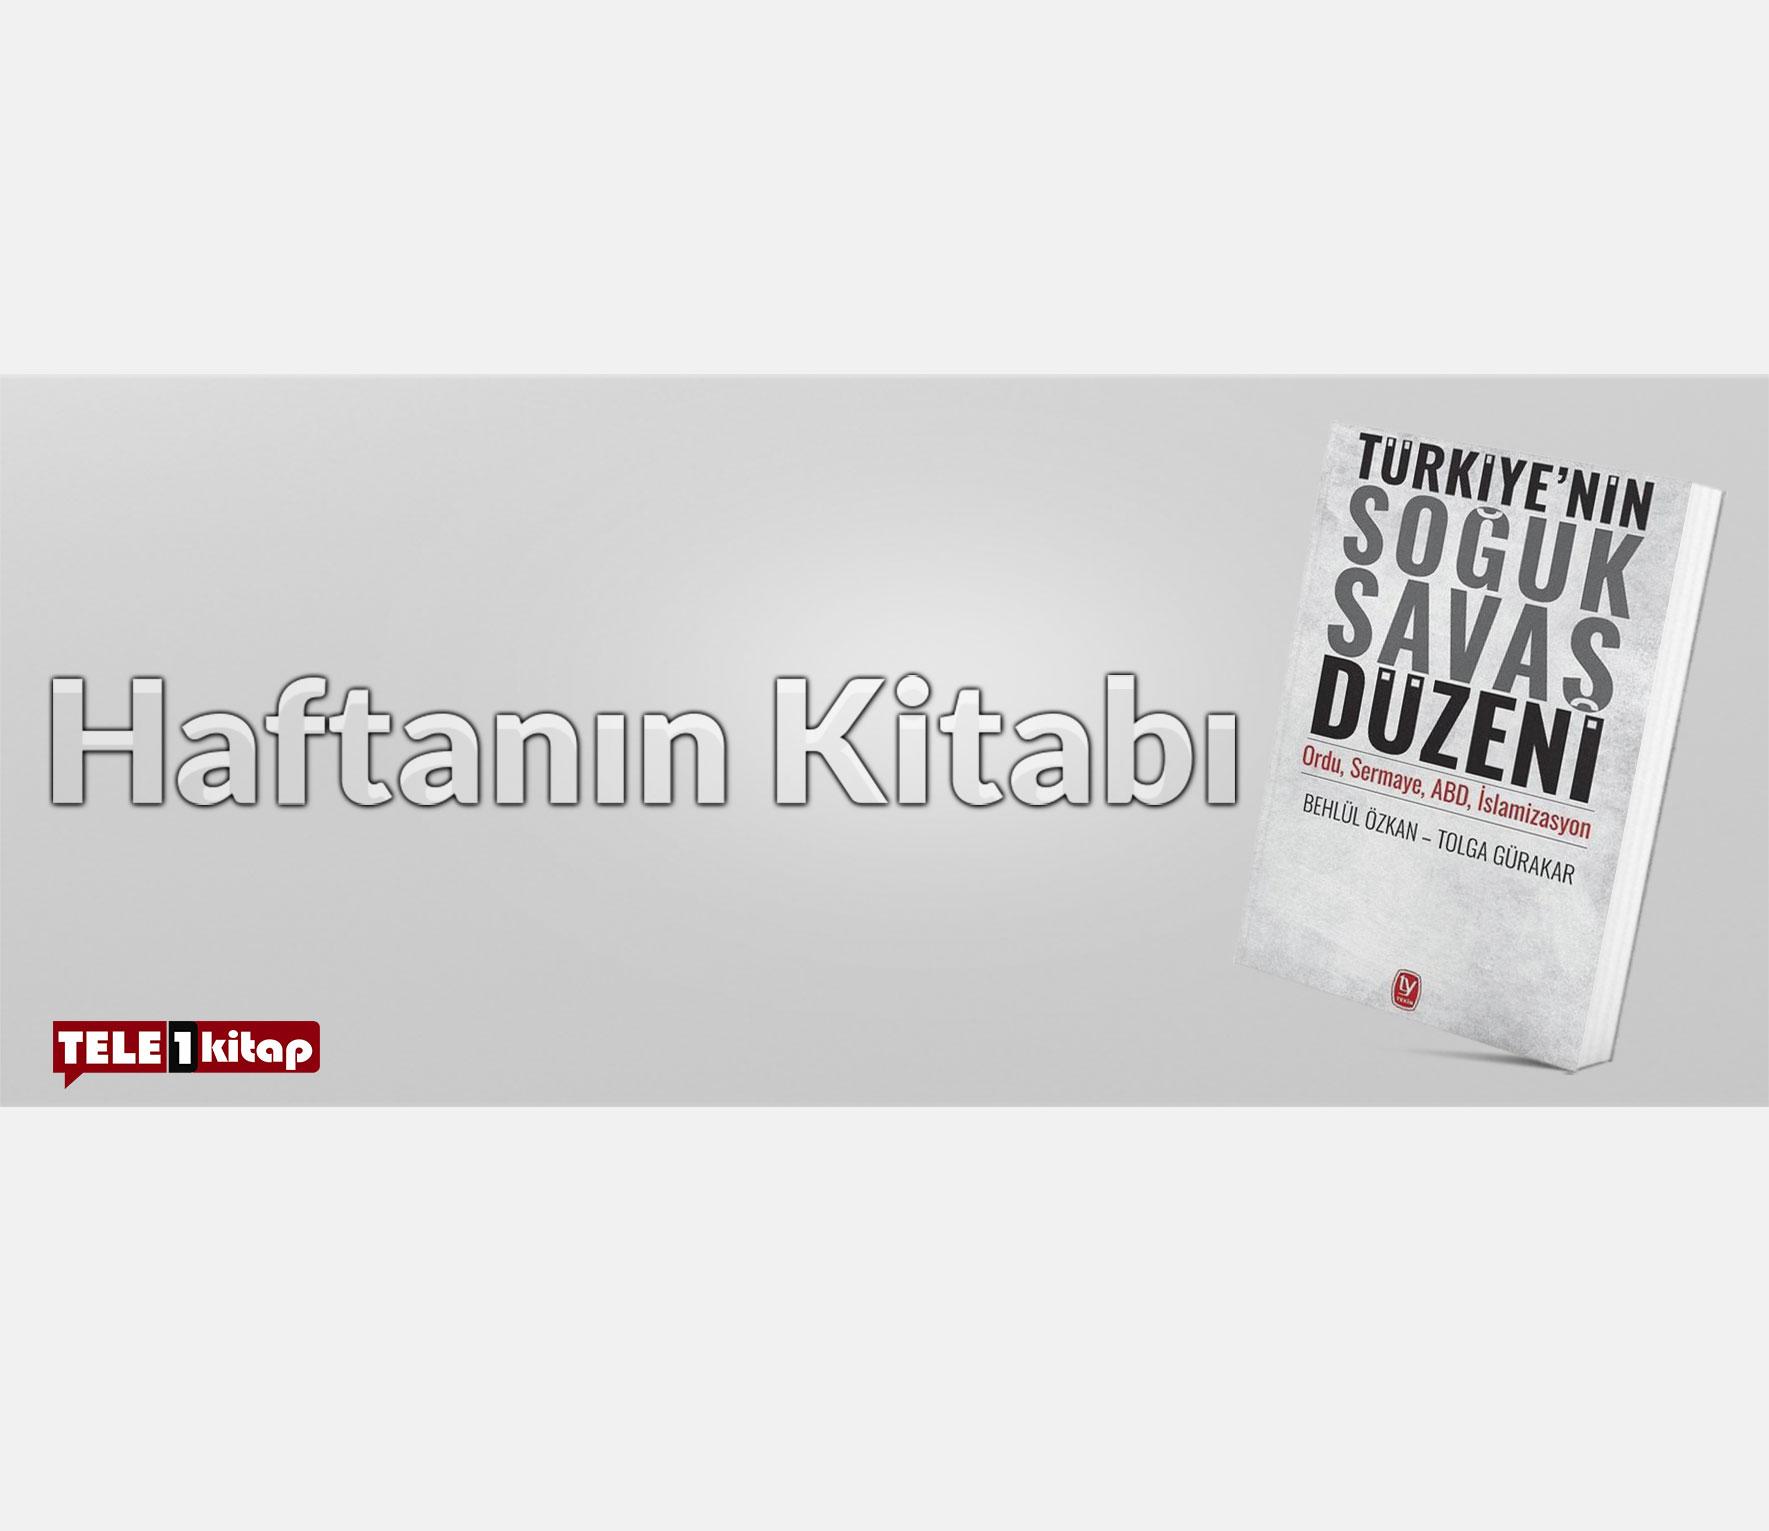 Haftanın Kitabı | Behlül Özkan-Tolga Gürakar/TÜRKİYE'NİN SOĞUK SAVAŞ DÜZENİ